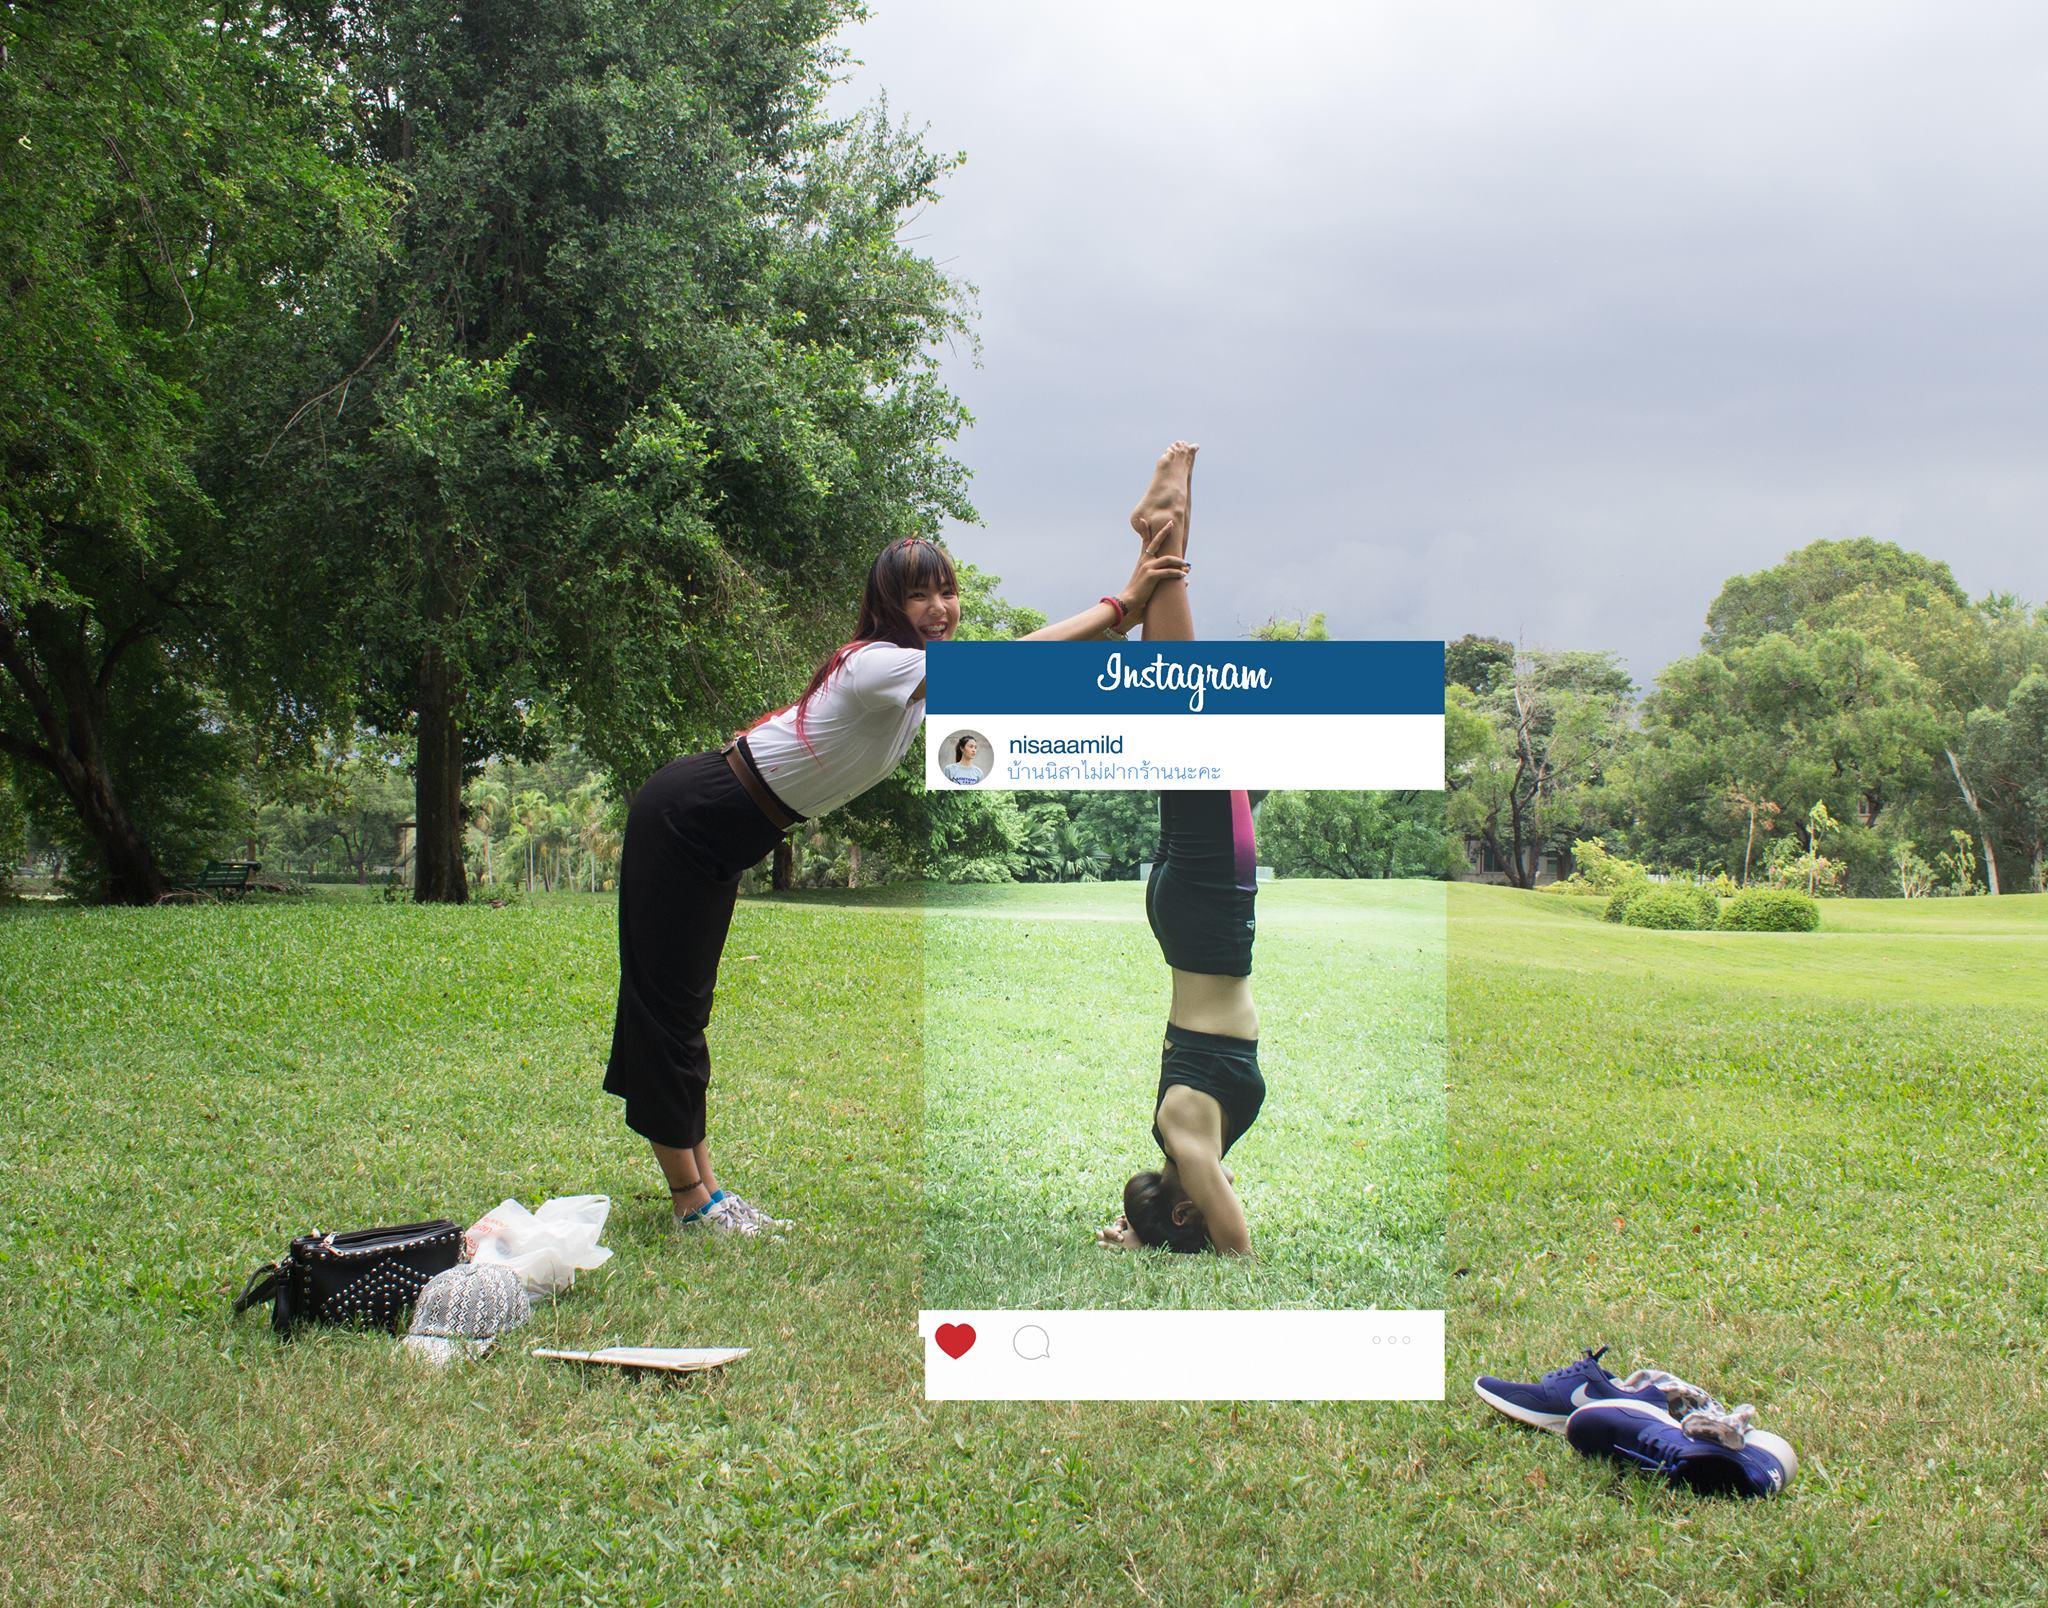 chompoo-baritone-8 La face cachée des photos sur Instagram